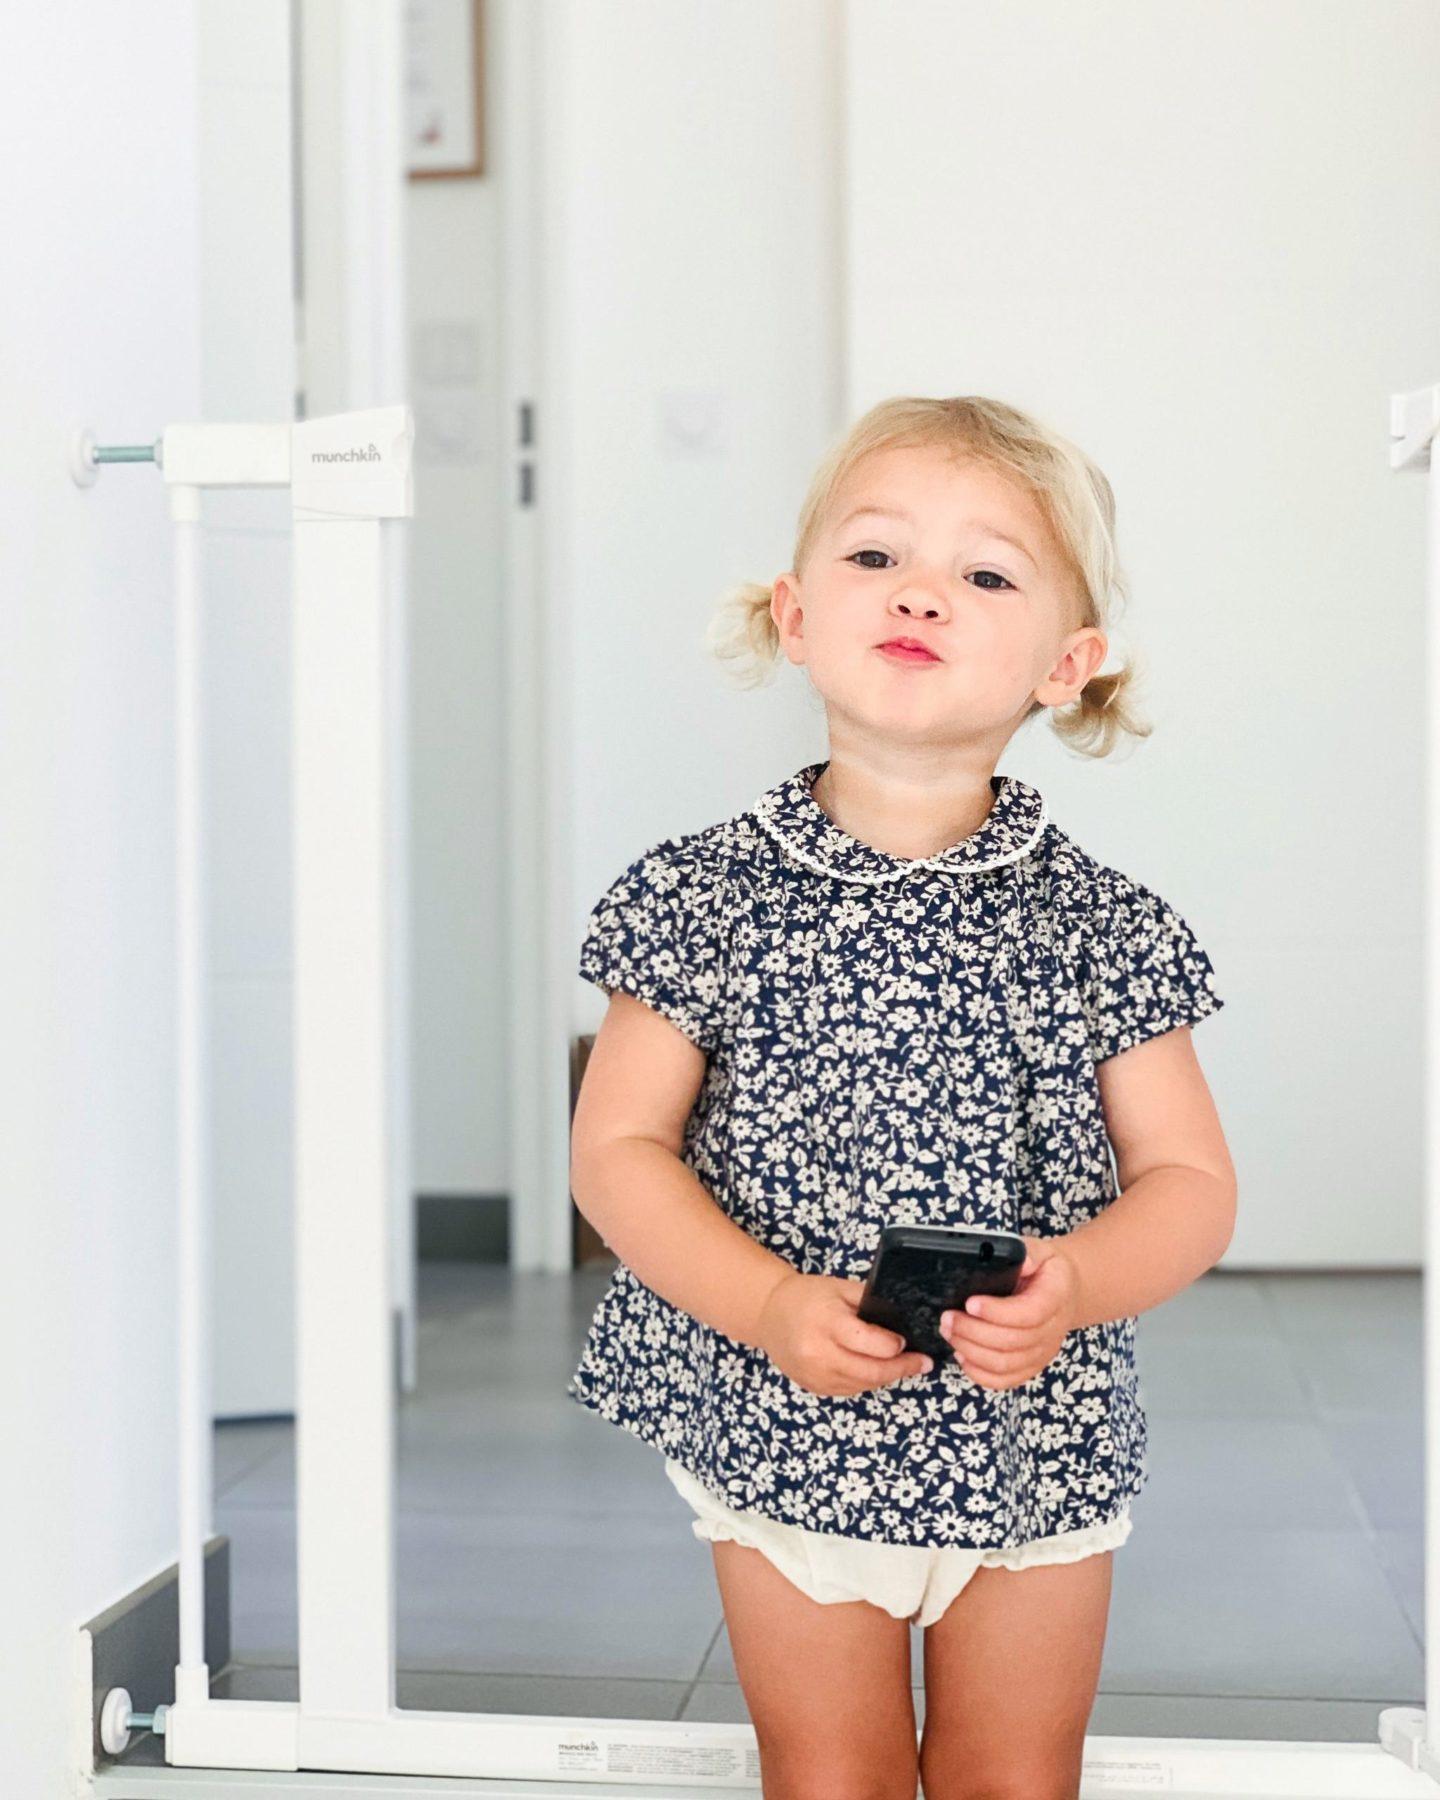 marques-eshops-bébé-enfant3